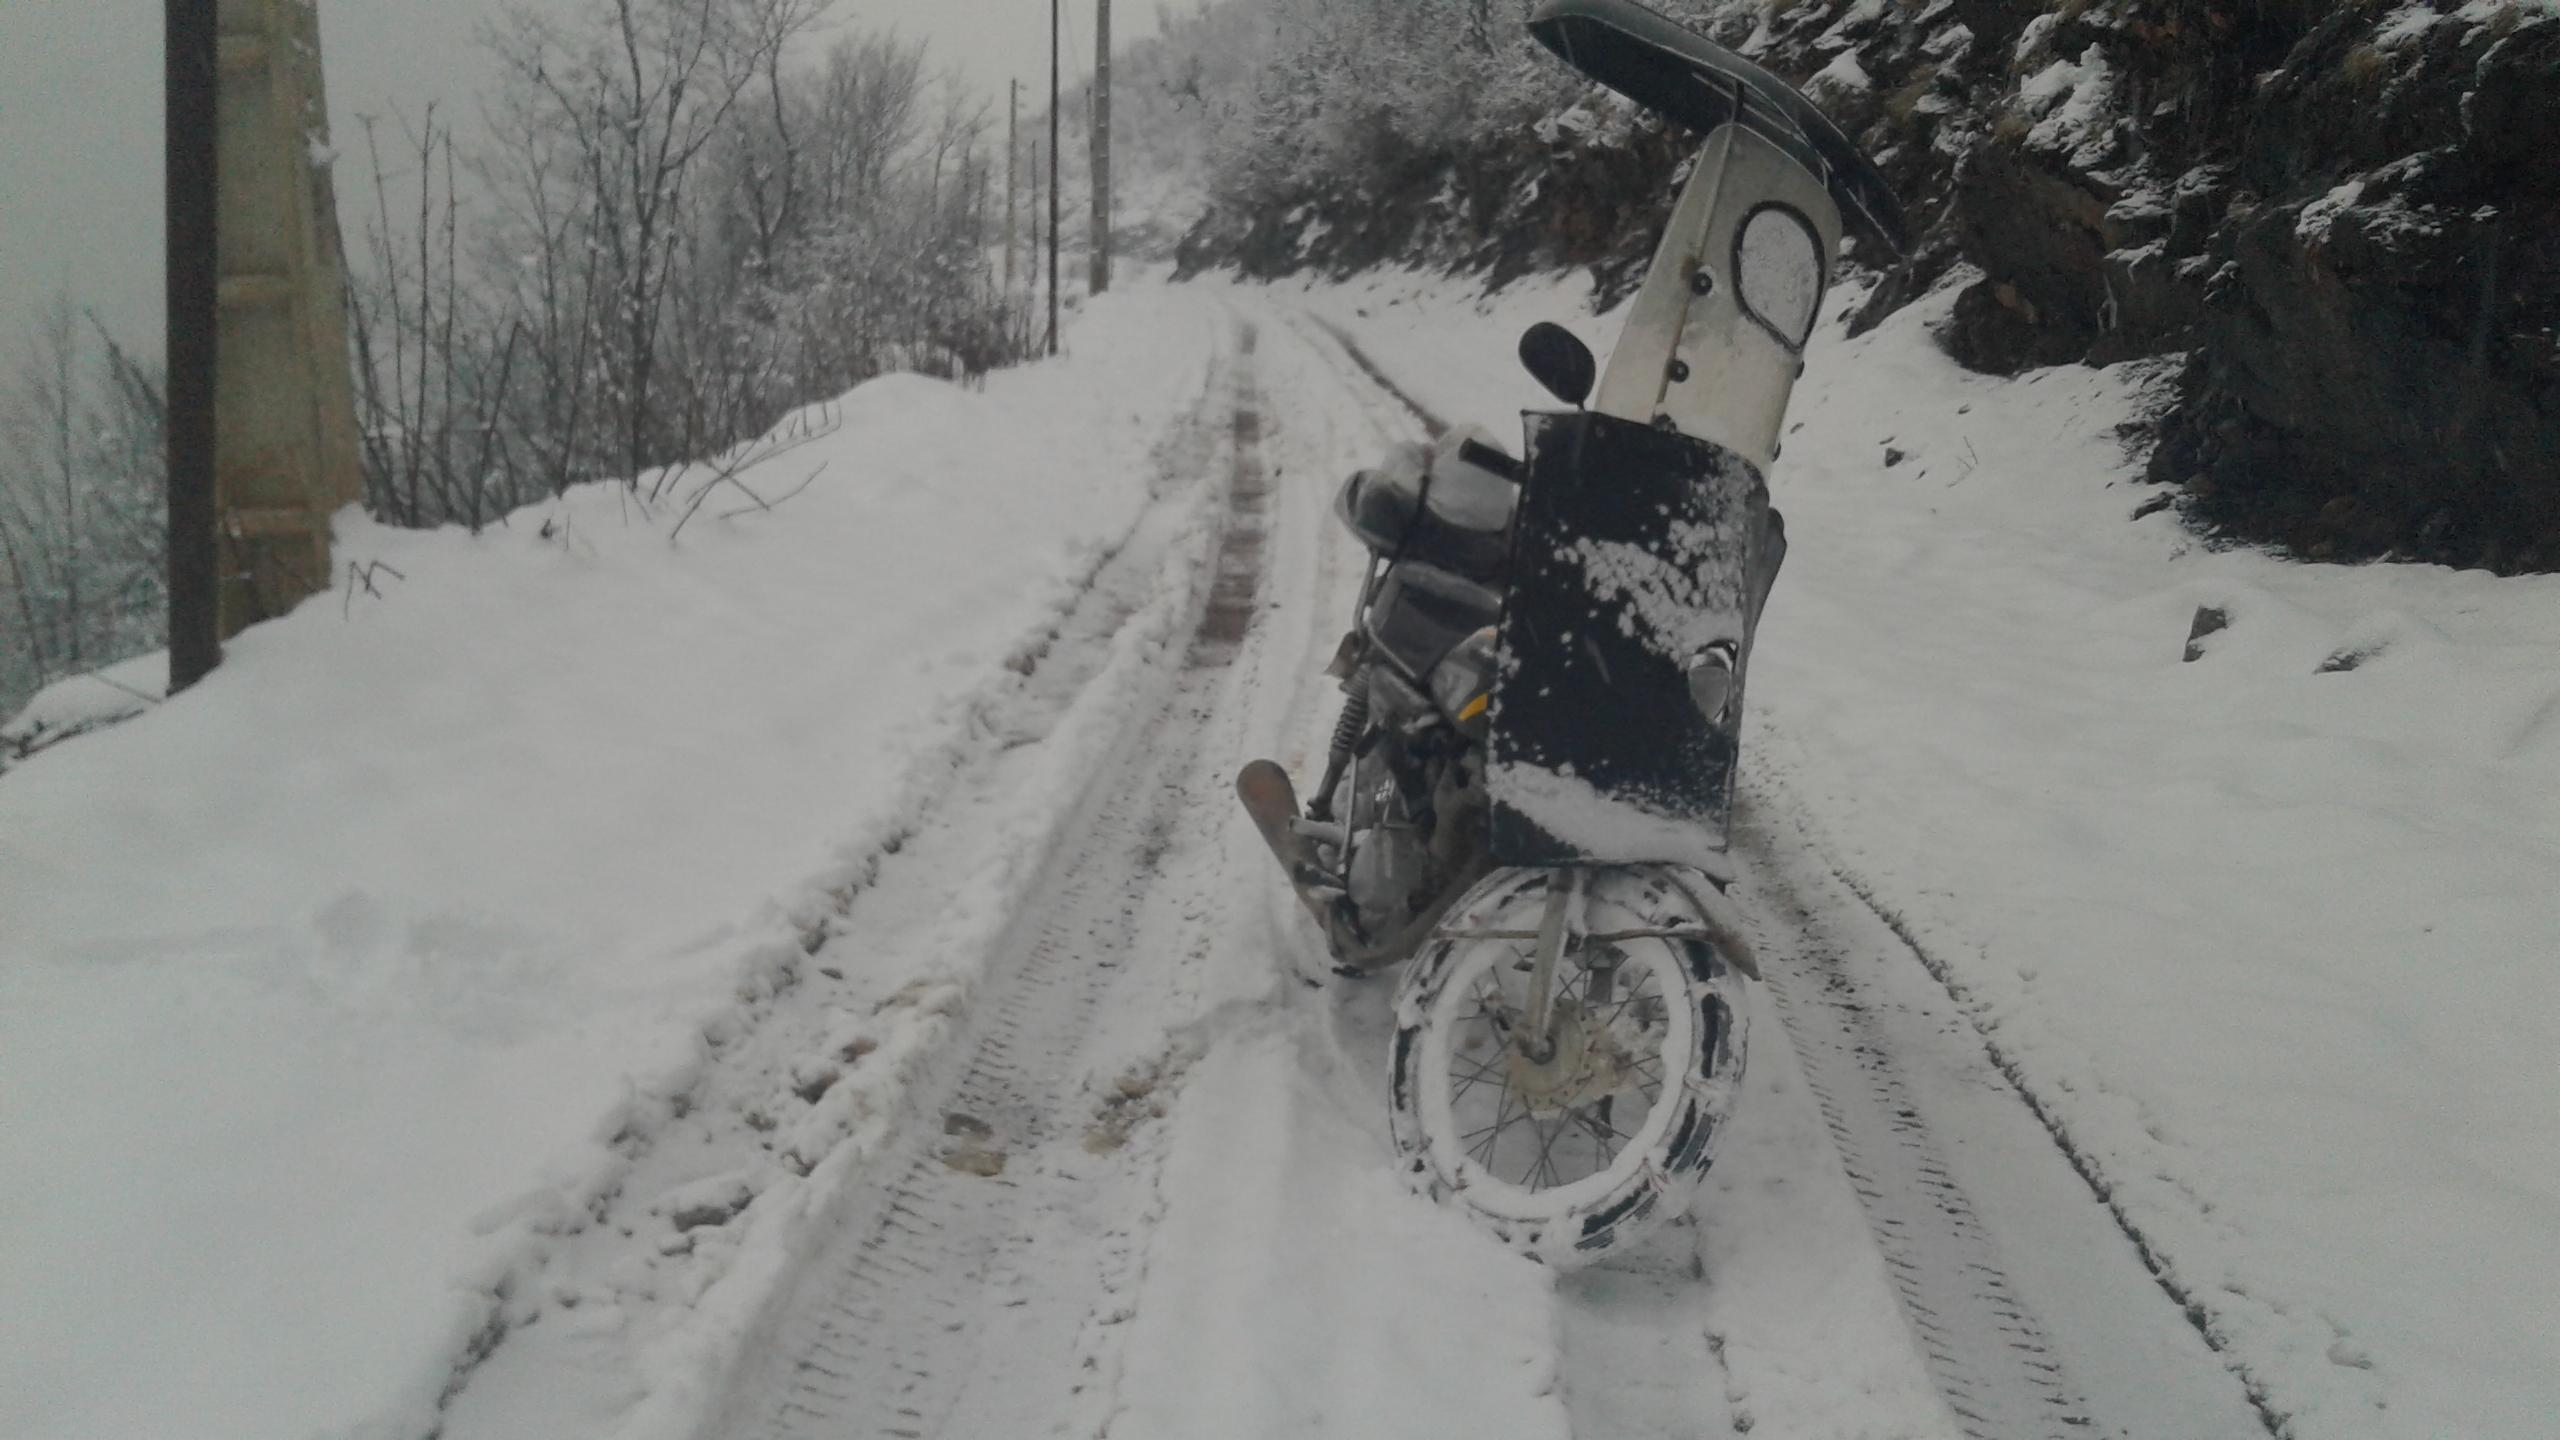 بارش برف در آخرین روزهای پاییزسال۱۳۹۵ یلدانزدیک است